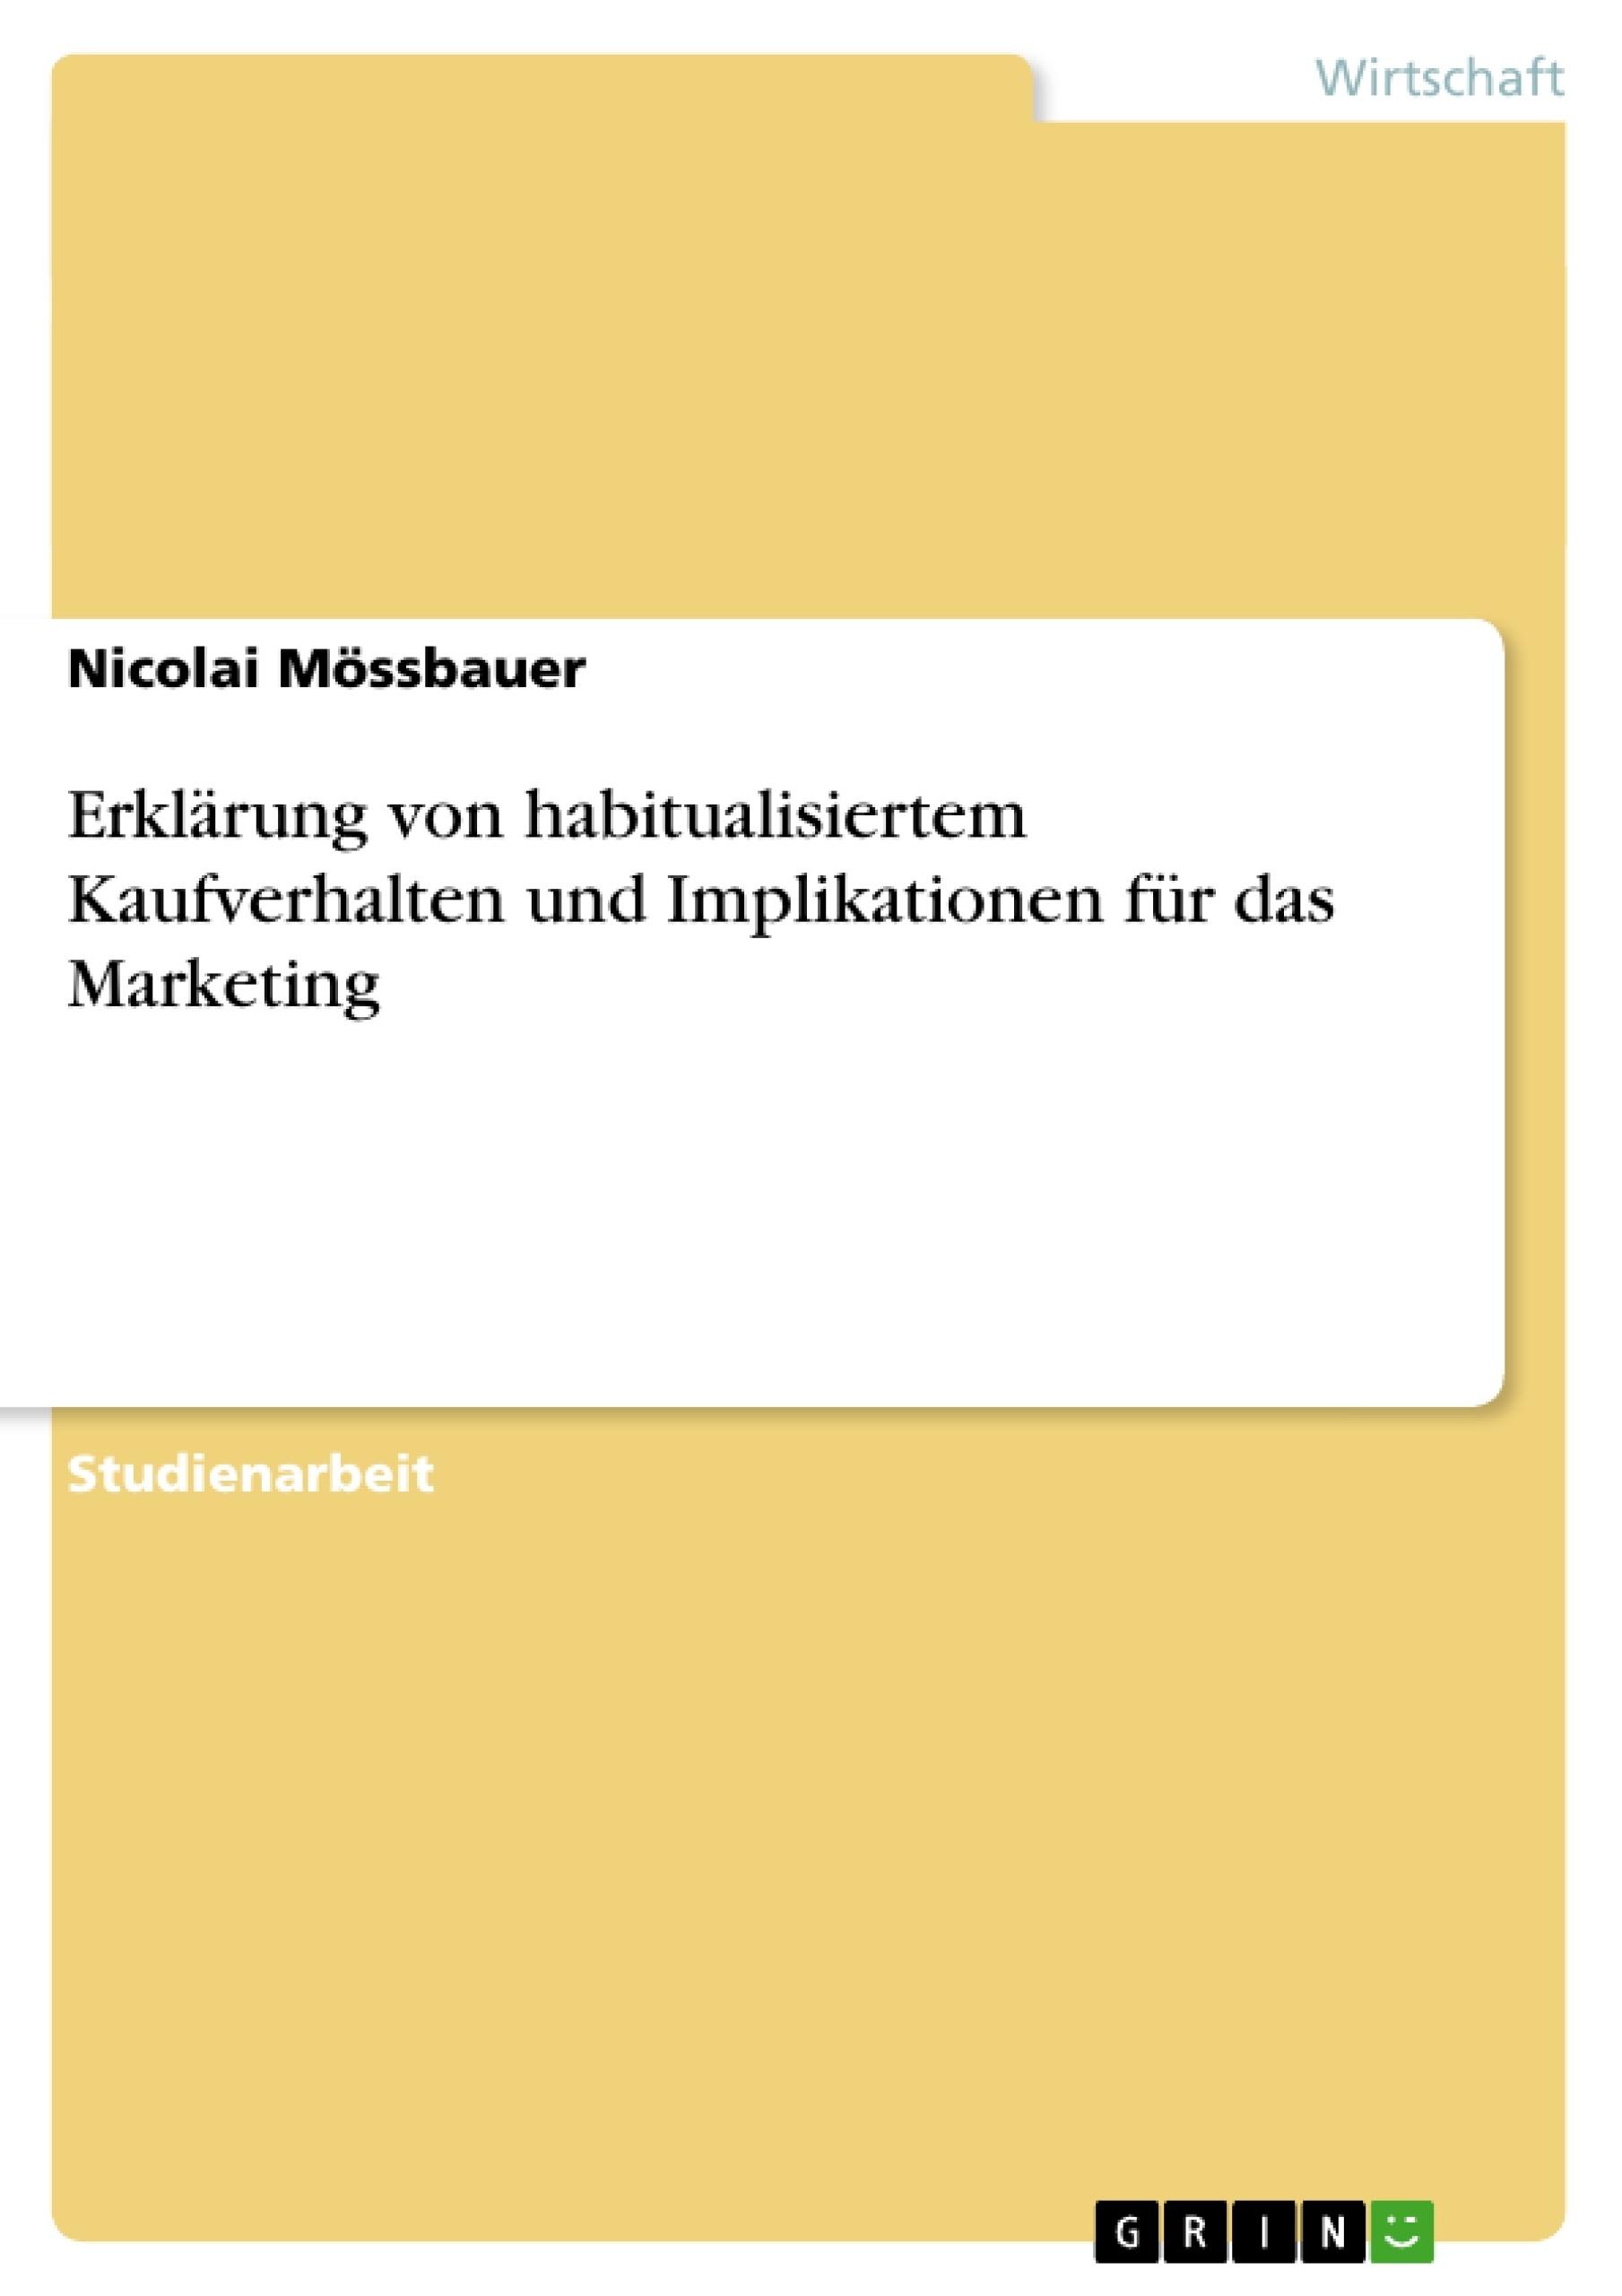 Titel: Erklärung von habitualisiertem Kaufverhalten und Implikationen für das Marketing